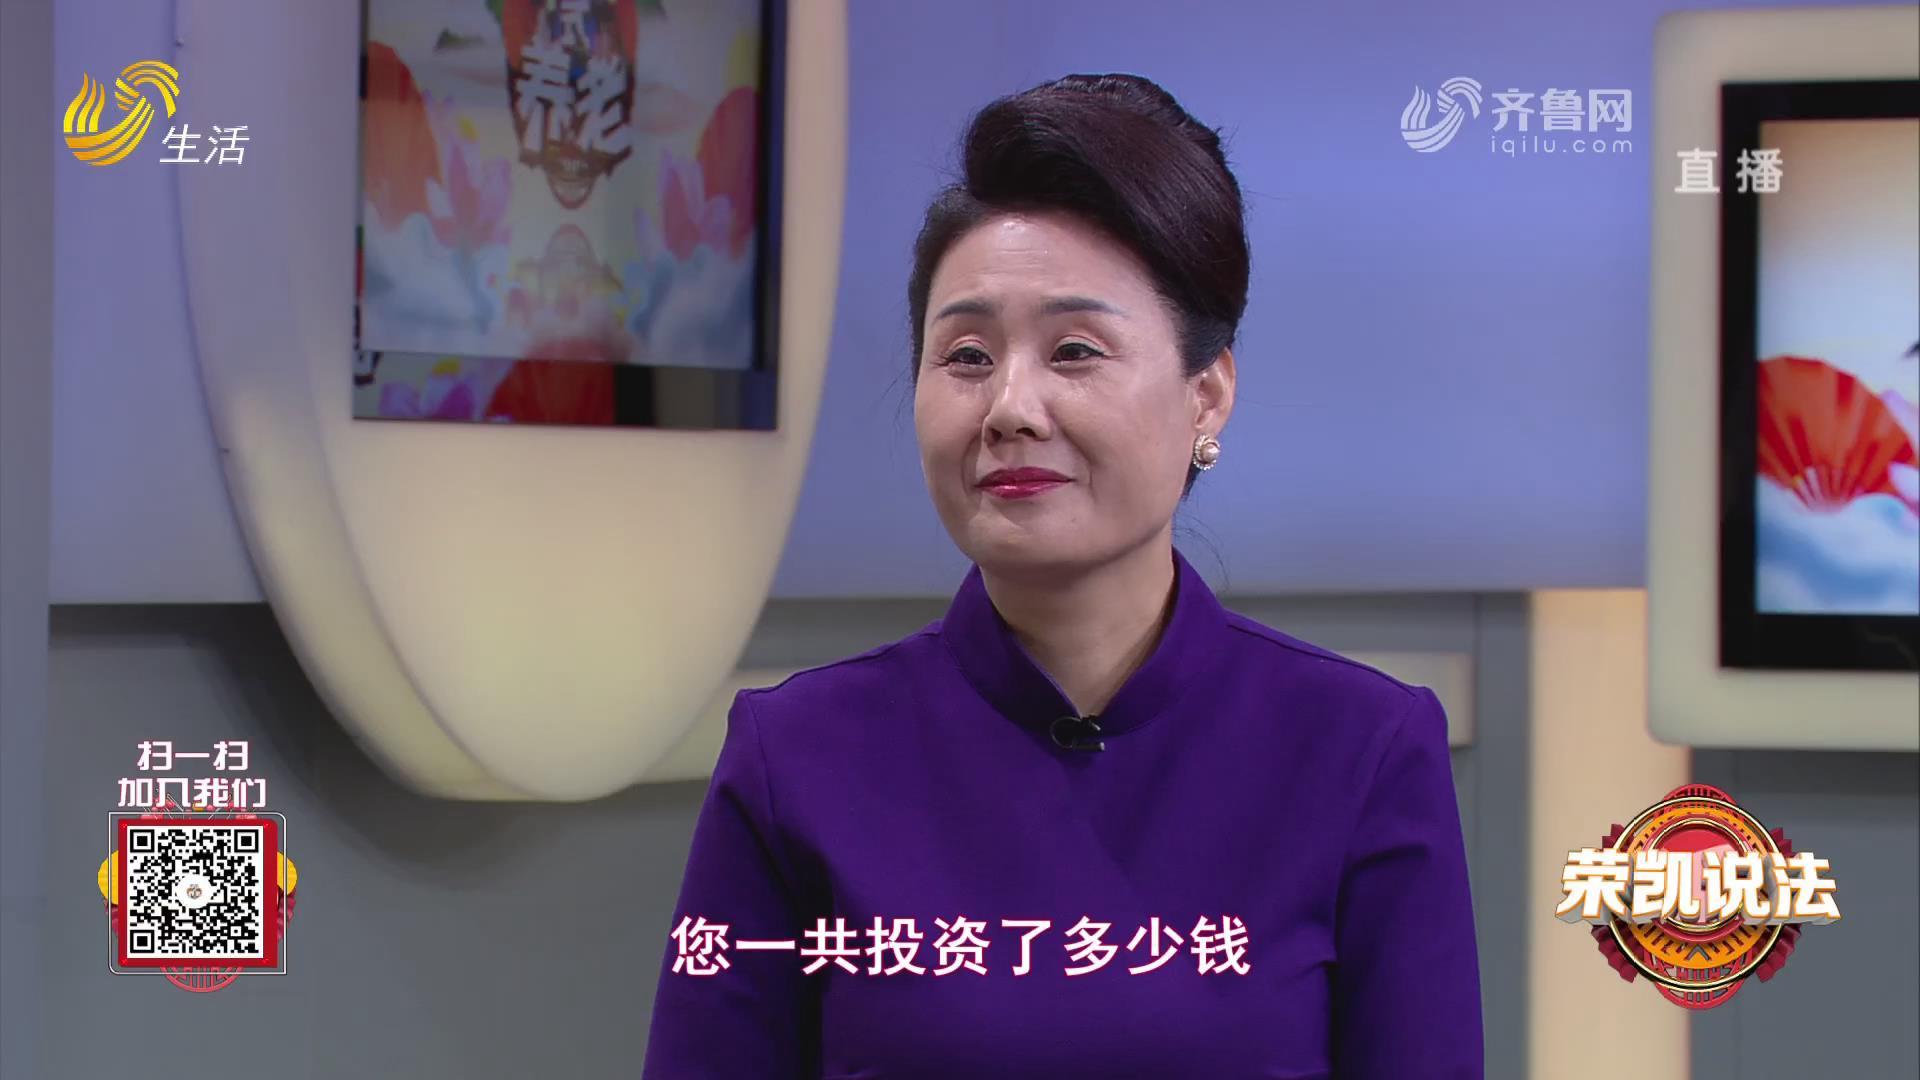 中國式養老-劉團長:堅持夢想 美麗無價